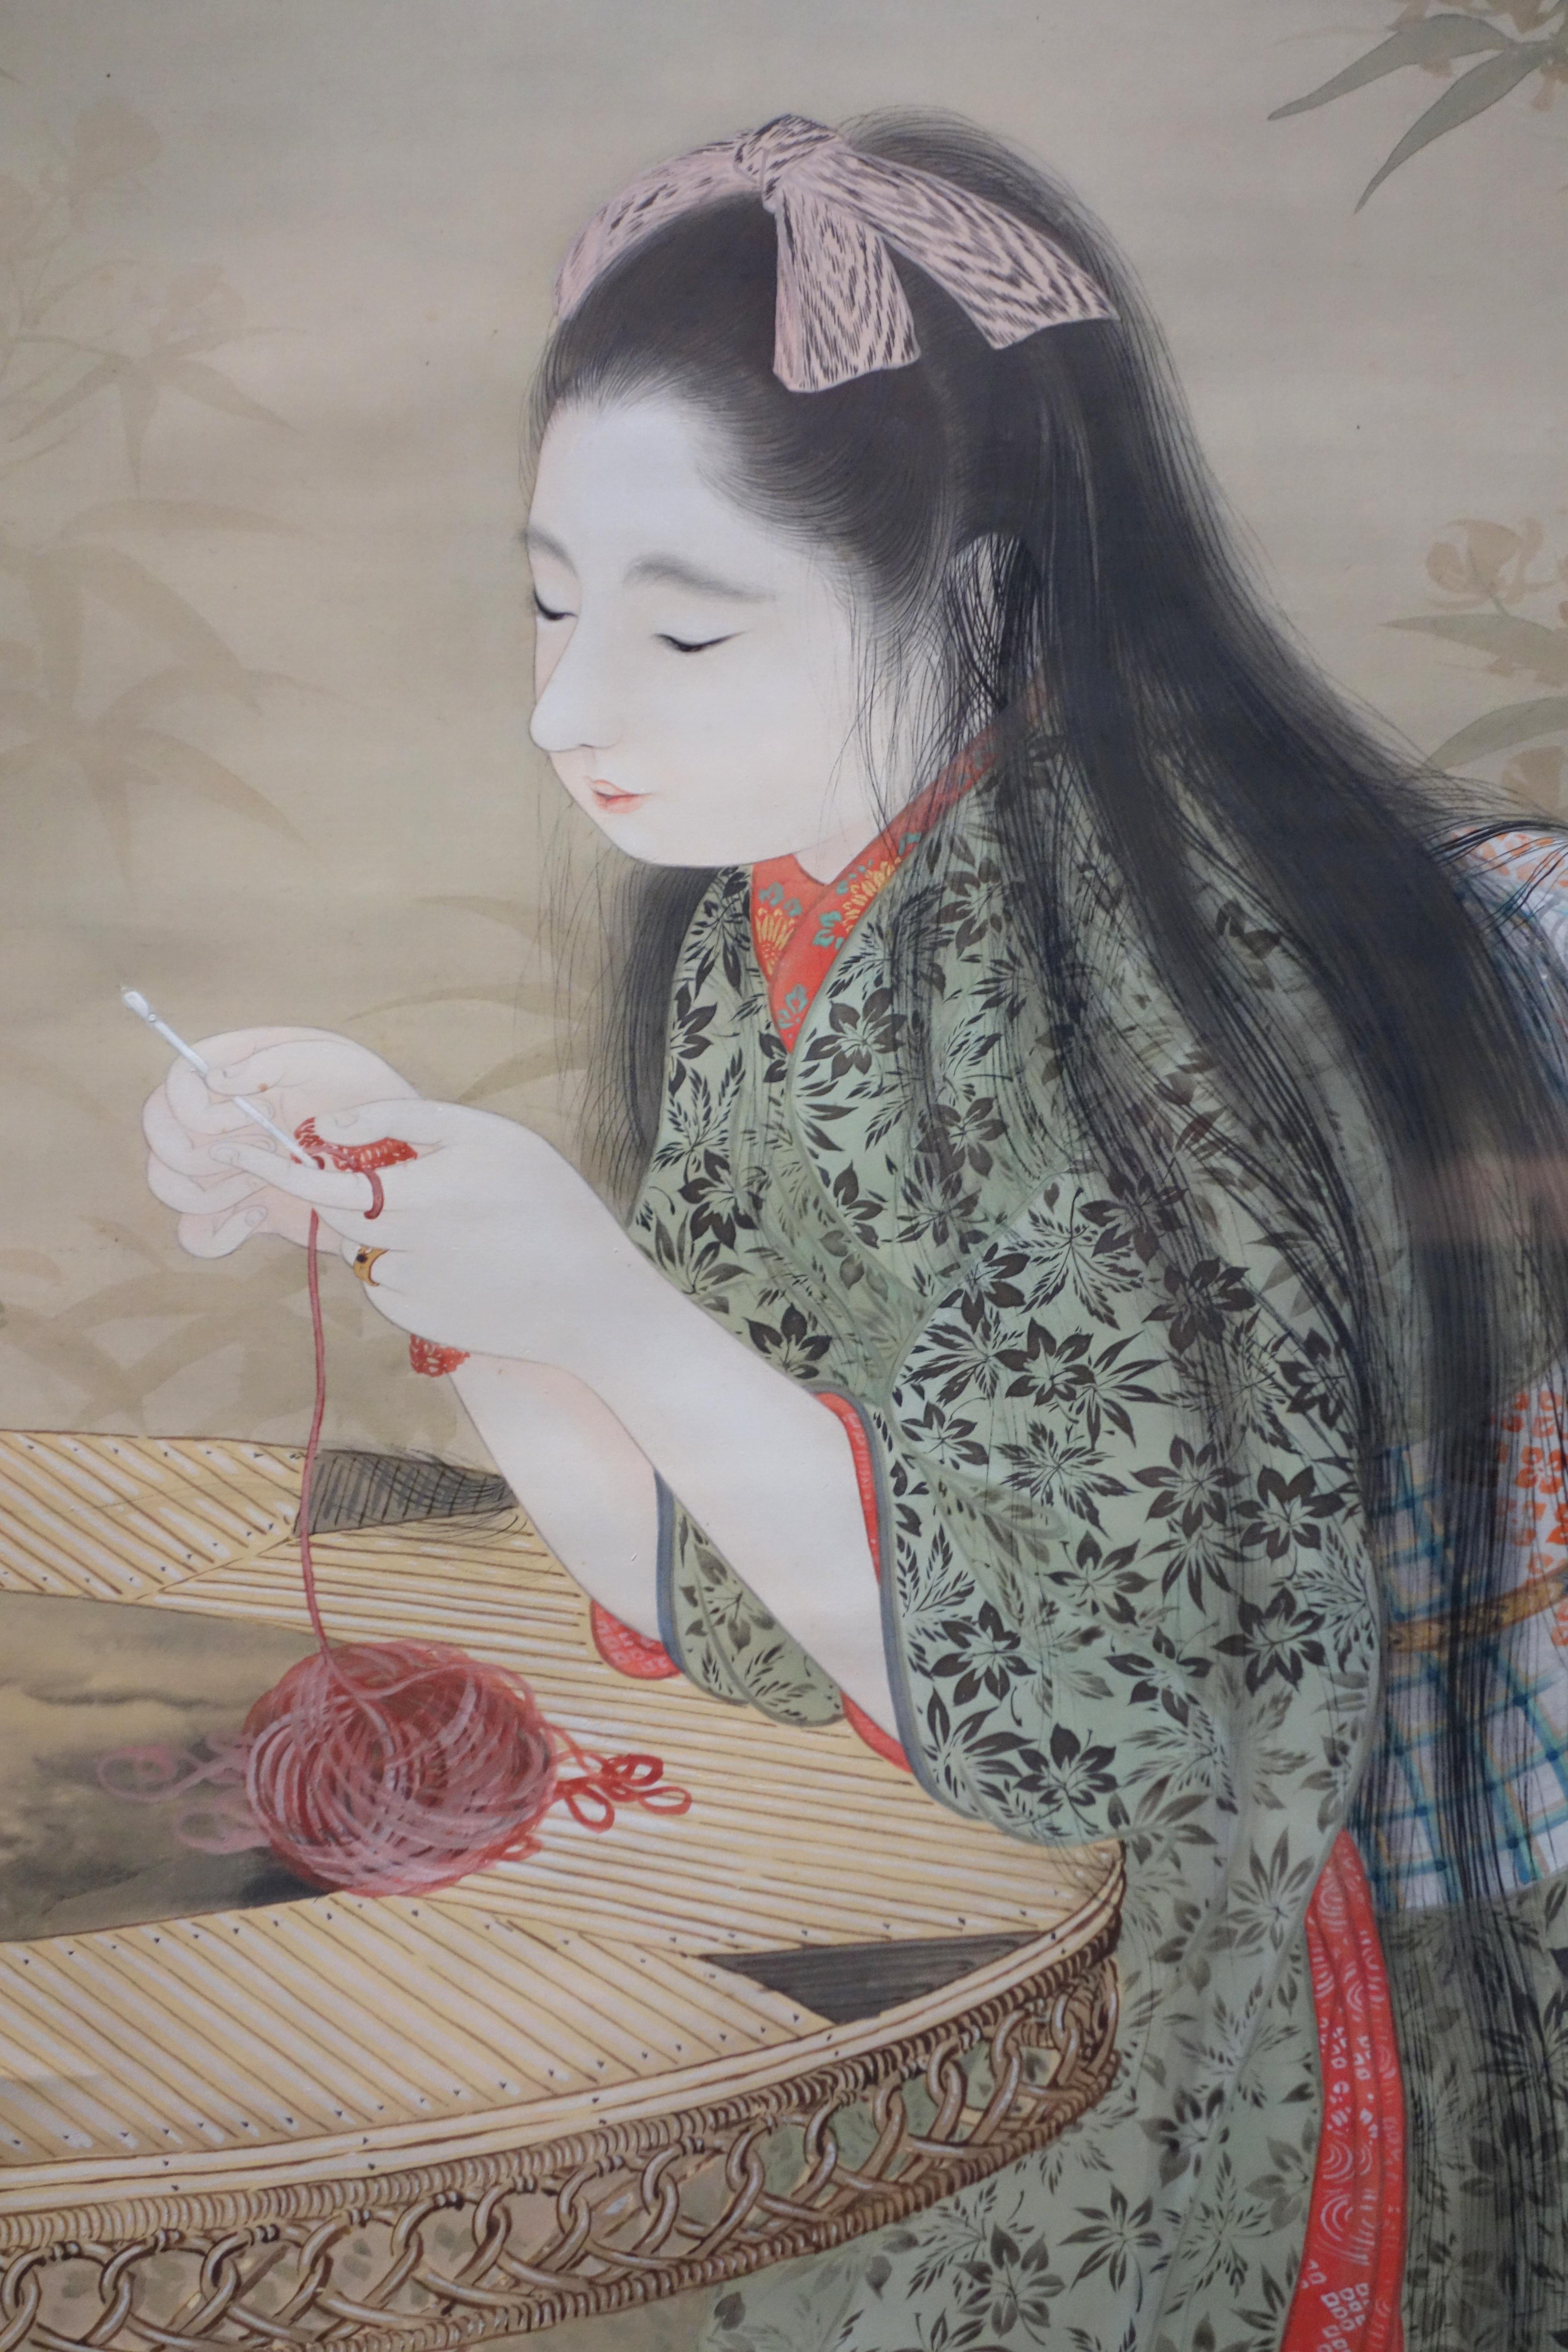 Gambar Wanita Potret Musim Semi Merah Museum Karya Seni